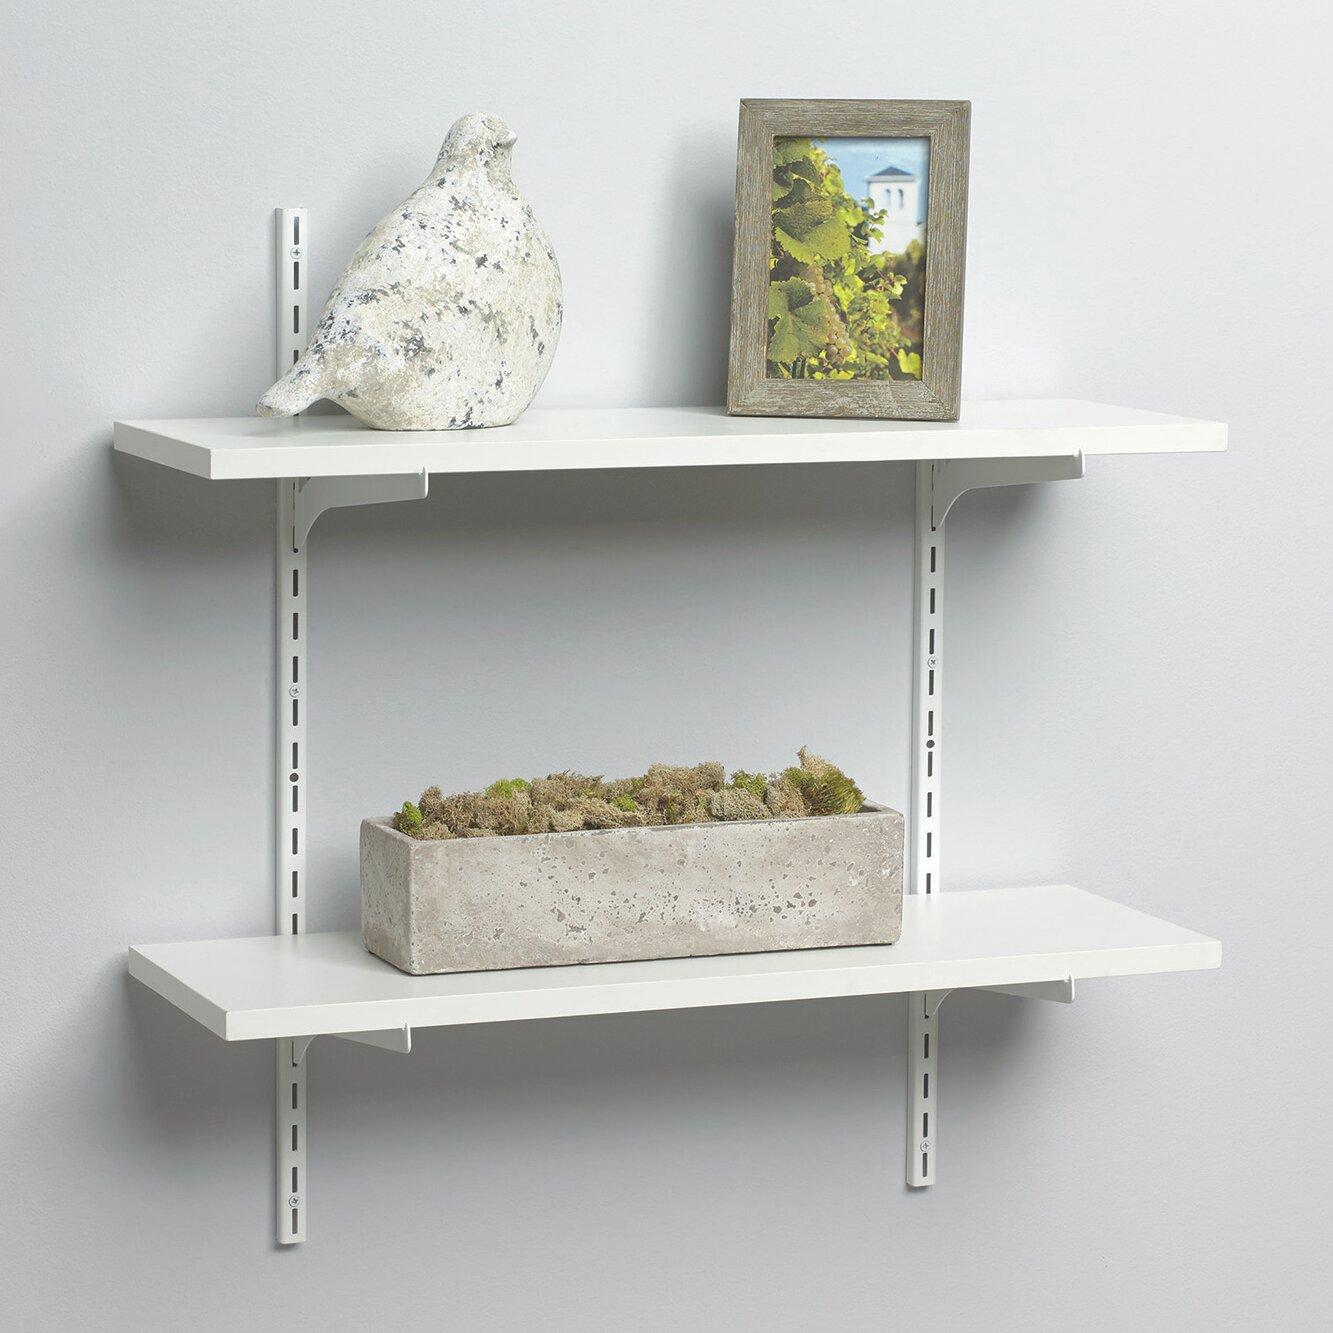 knape vogt standard and bracket decorative shelf kit reviews wayfair. Black Bedroom Furniture Sets. Home Design Ideas